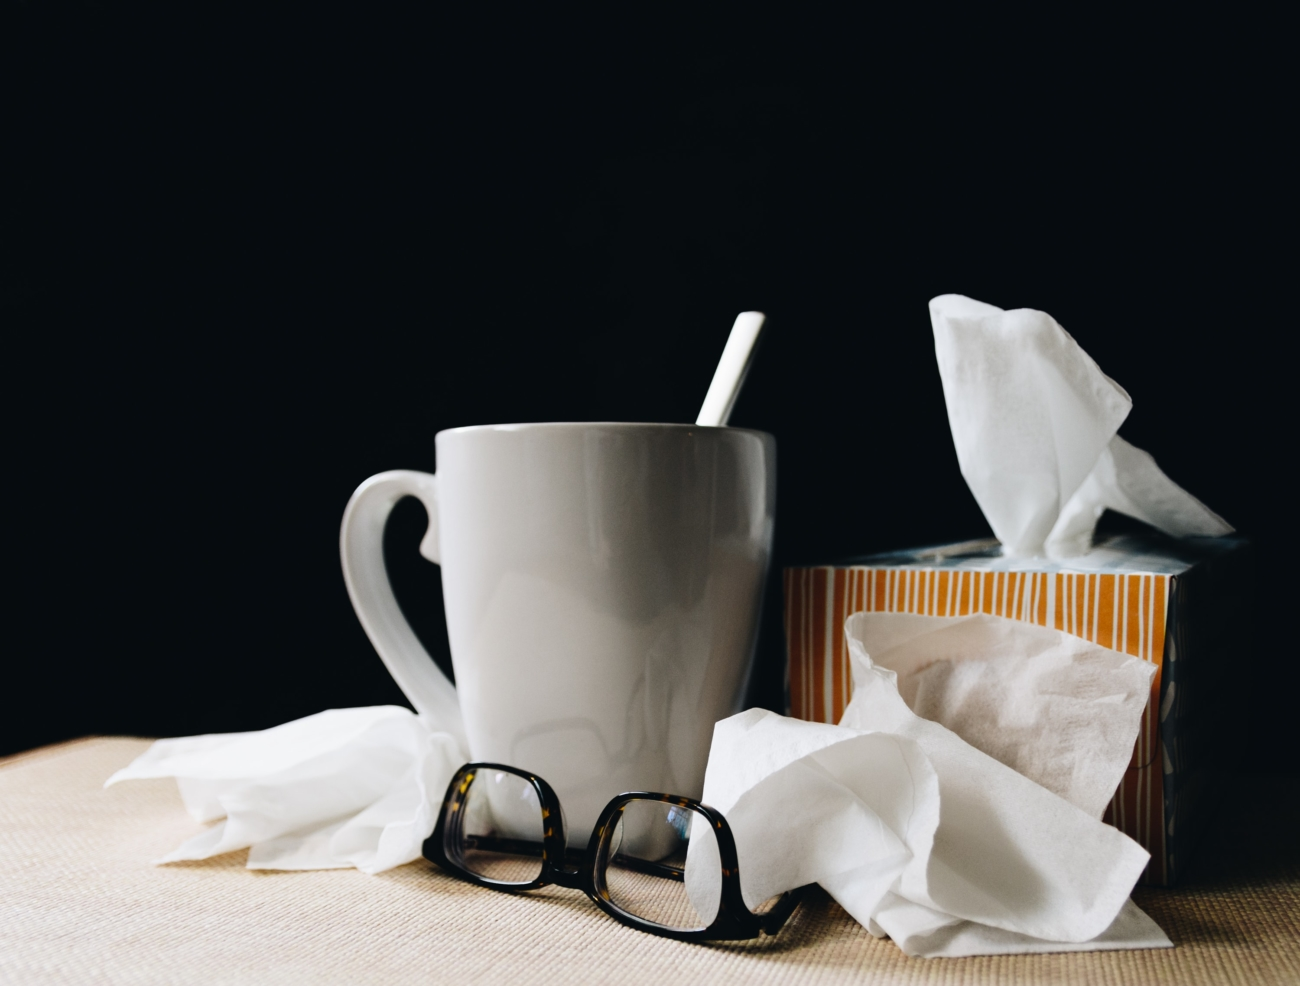 how to prevent flu symptoms